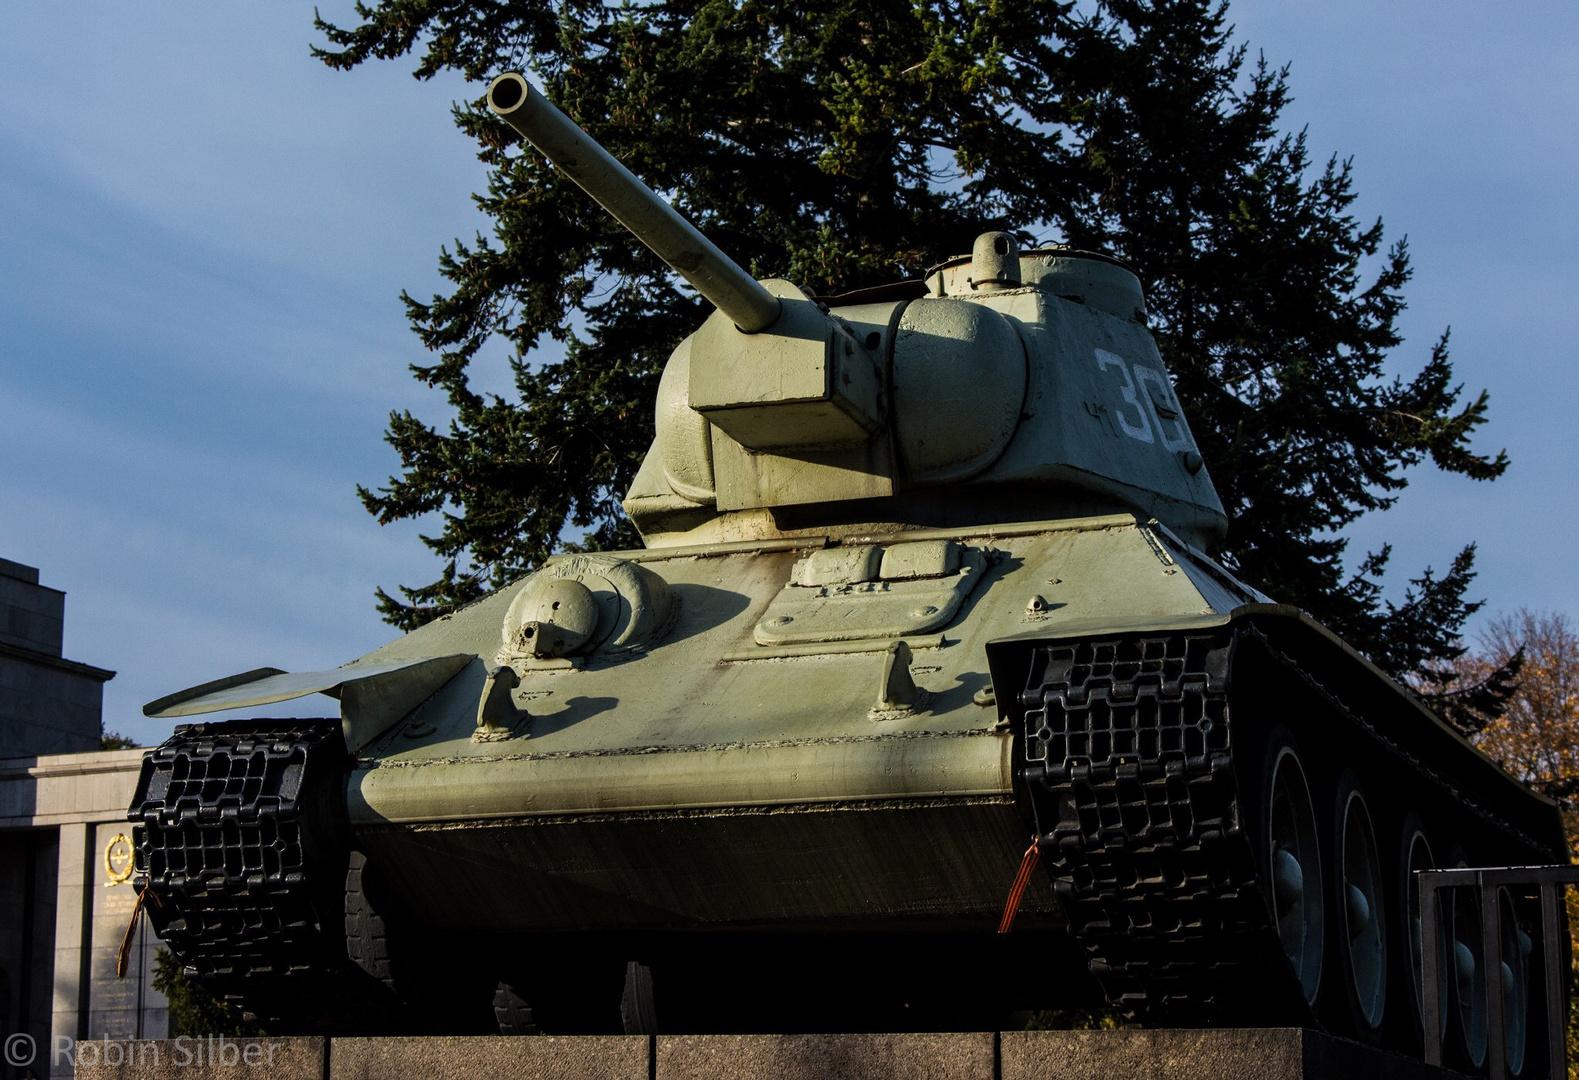 T34 in Berlin